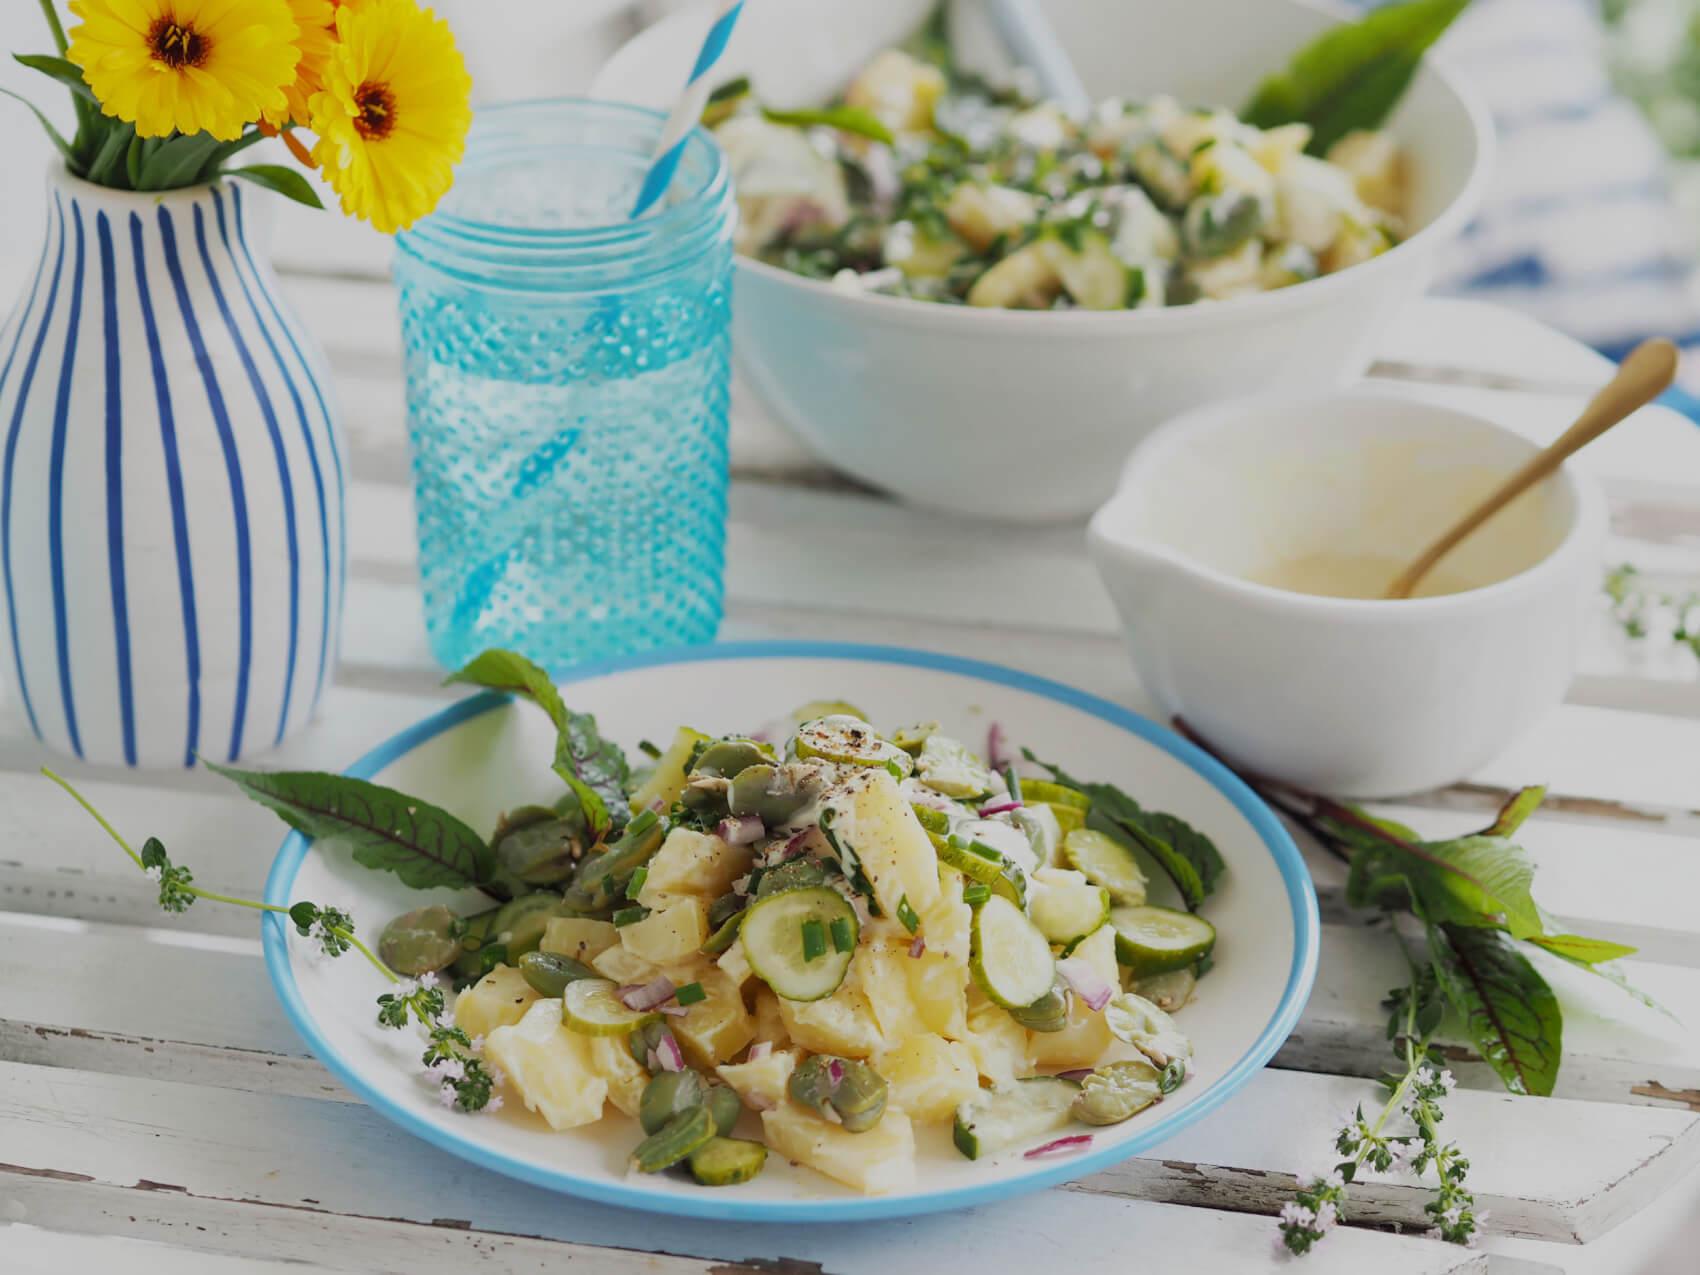 Rewelacyjna sałatka ziemniaczana z bobem